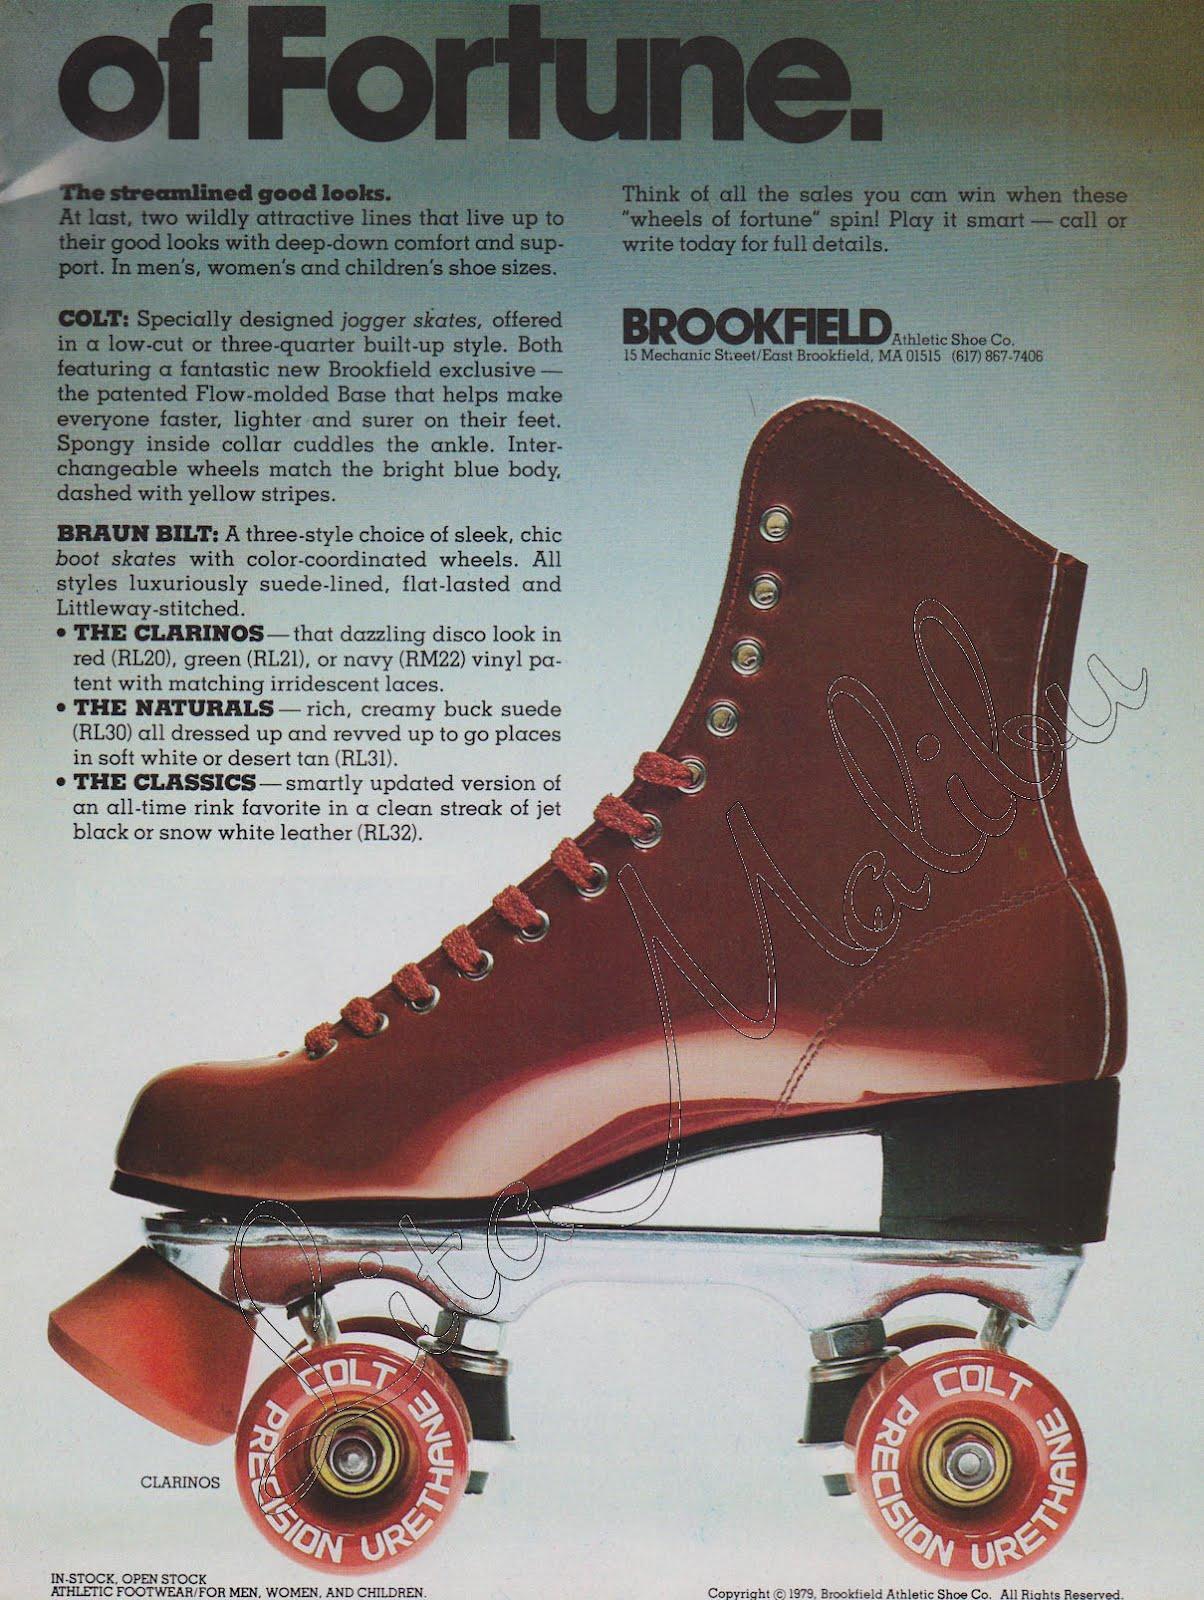 Roller skates vintage - Roller Skating Magazine October 1979